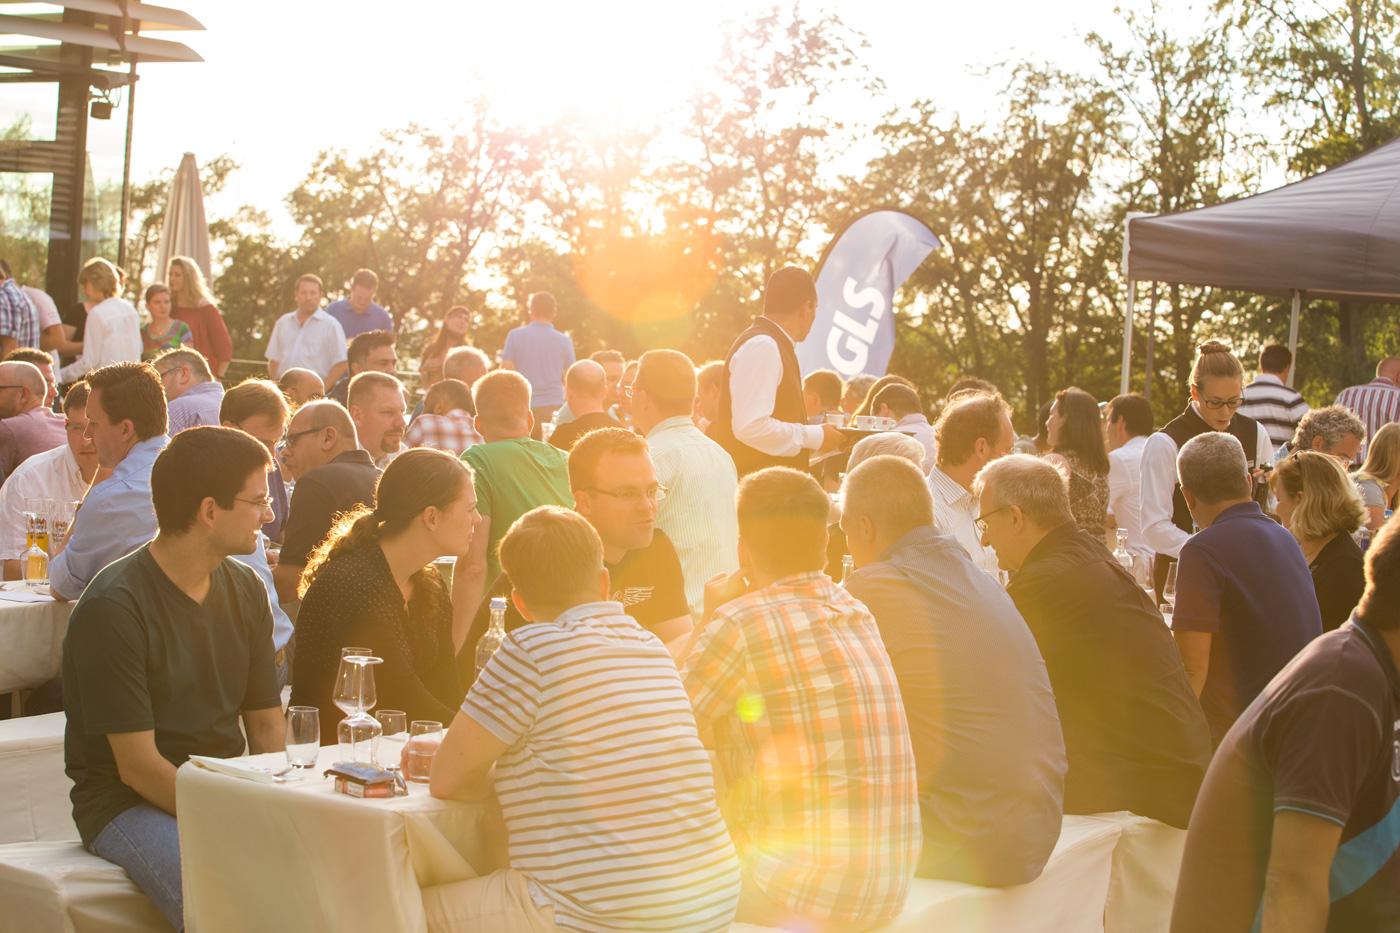 firmenevent_firmenveranstaltung-dinner-firmenfeiern_15